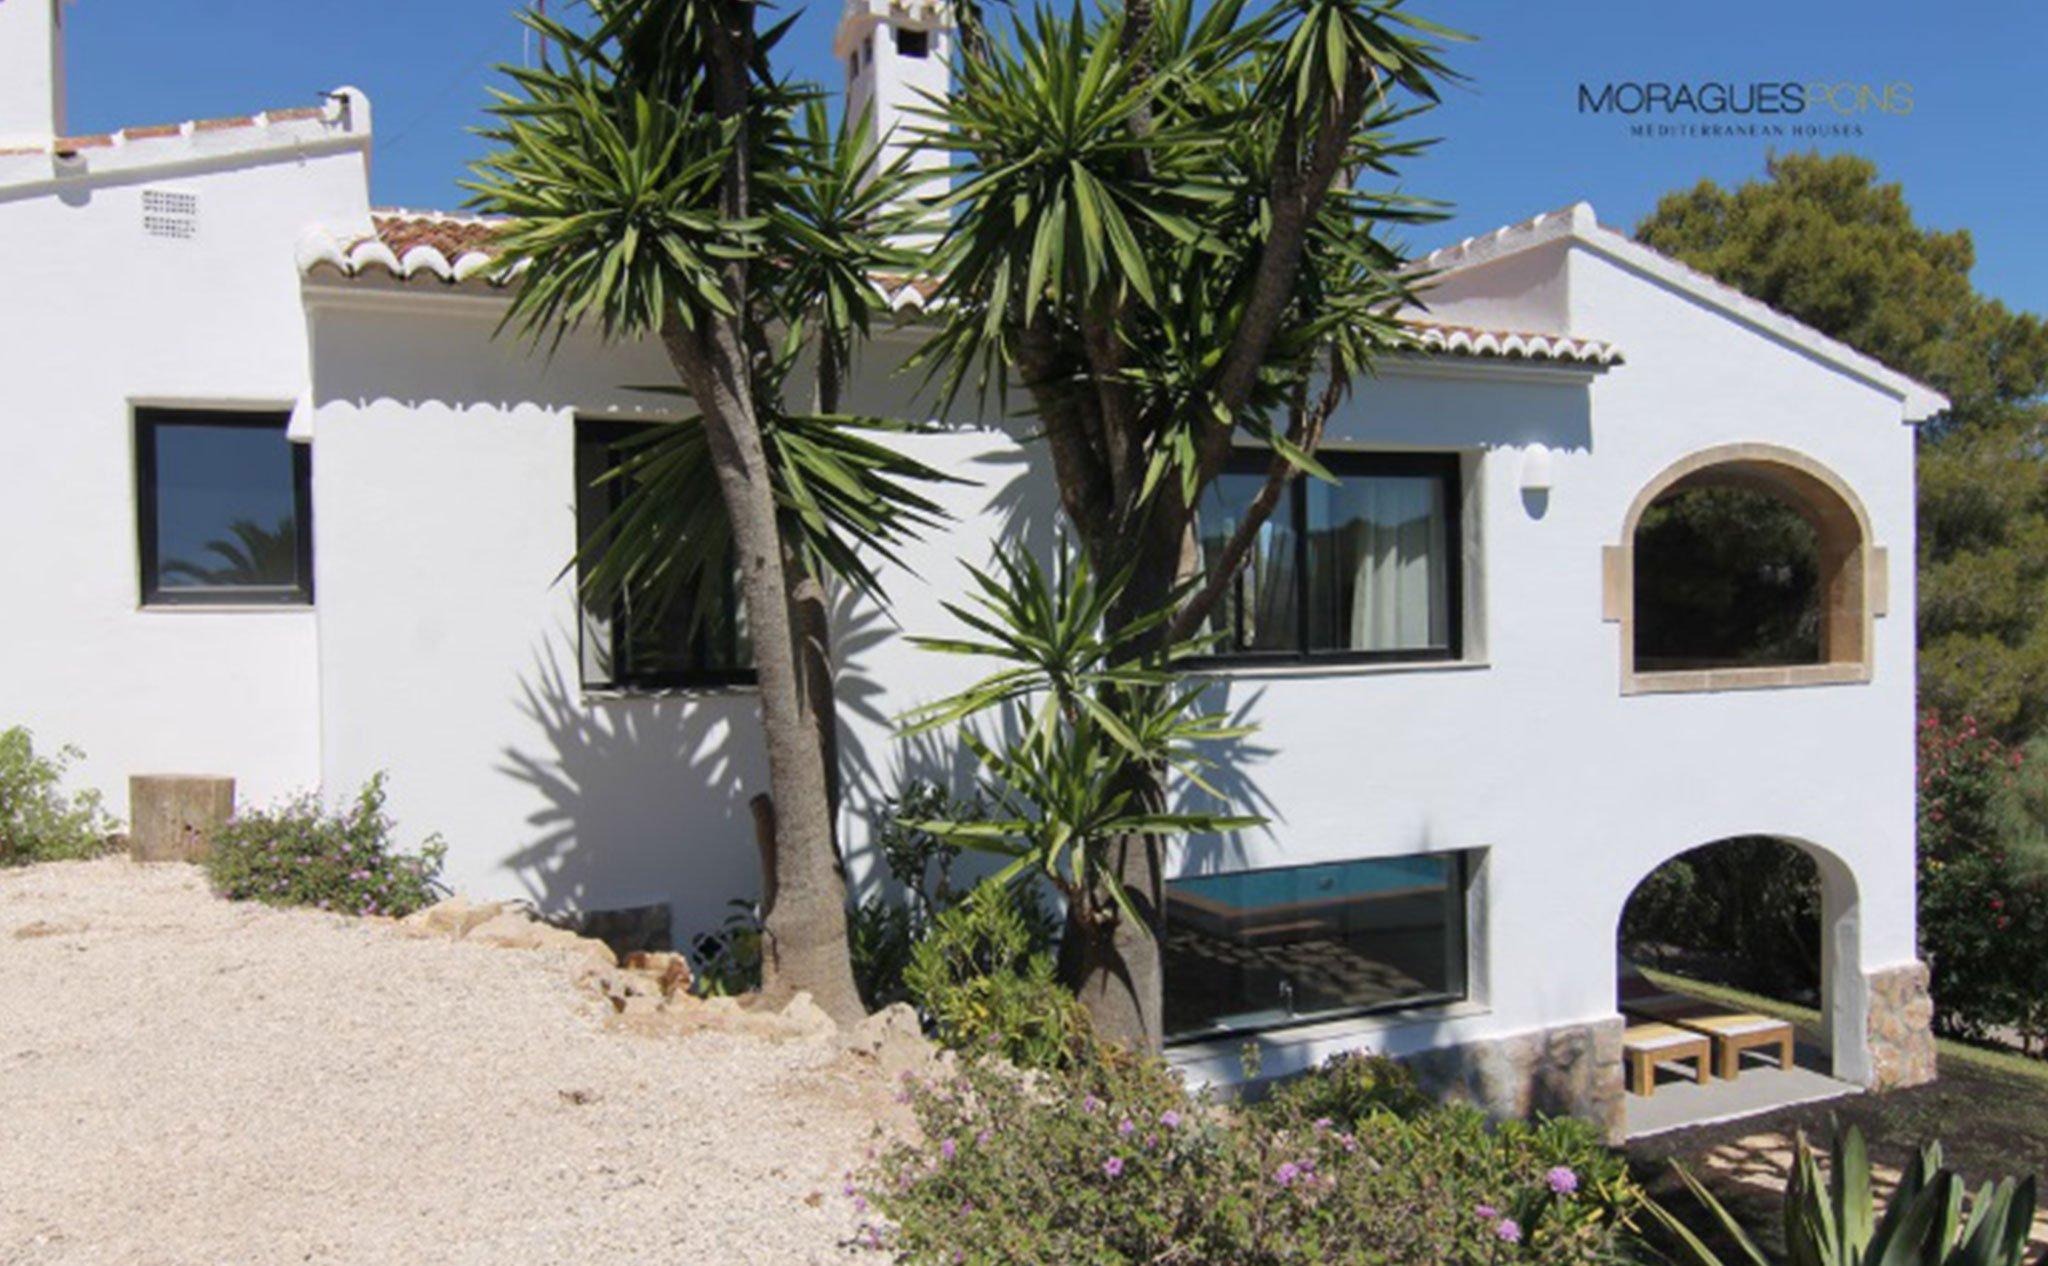 Fachada de una casa en venta o alquiler en Jávea – MORAGUESPONS Mediterranean Houses